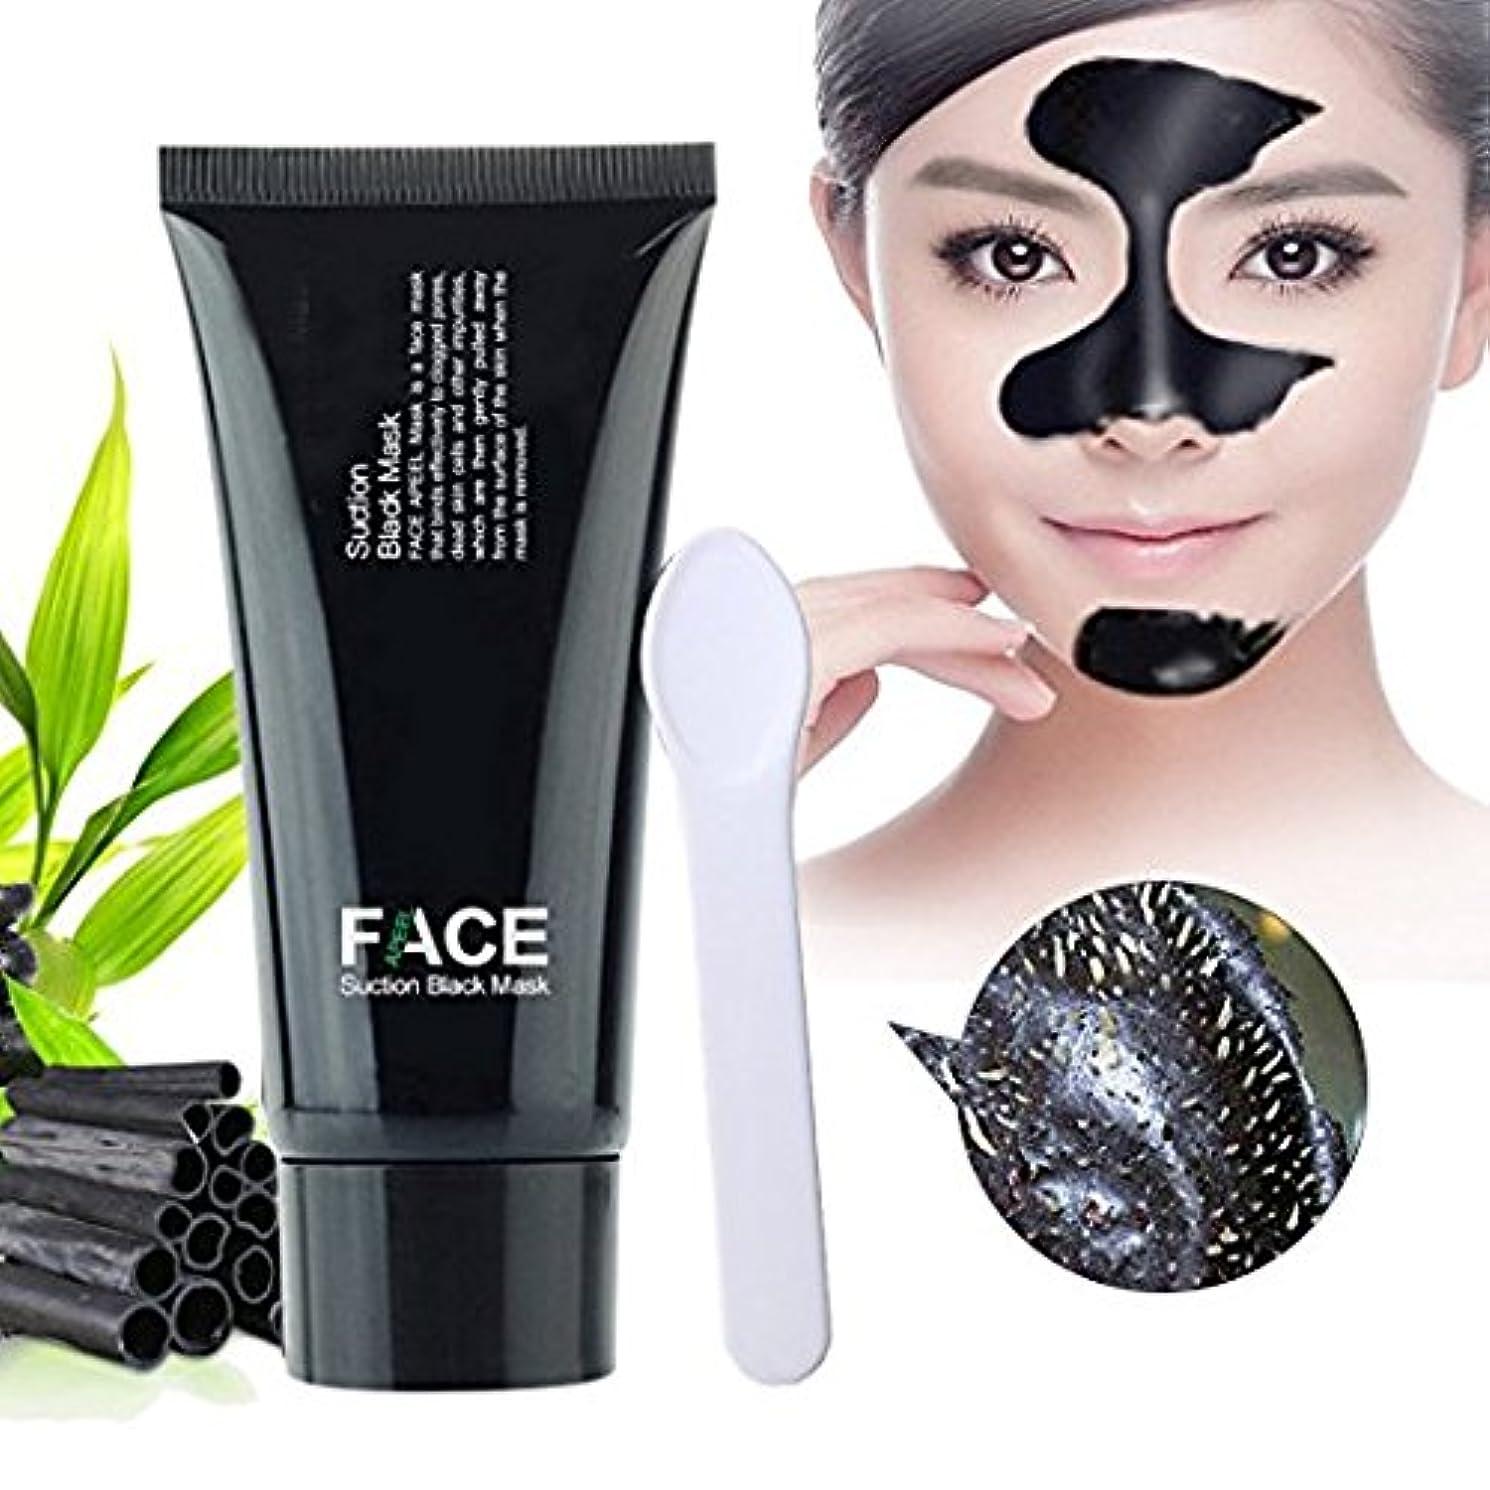 植物の休眠泥沼Blackhead Remover Mask, FaceApeel-Peel Off Black Head Acne Treatments,Face Cleaning Mask+Spoon